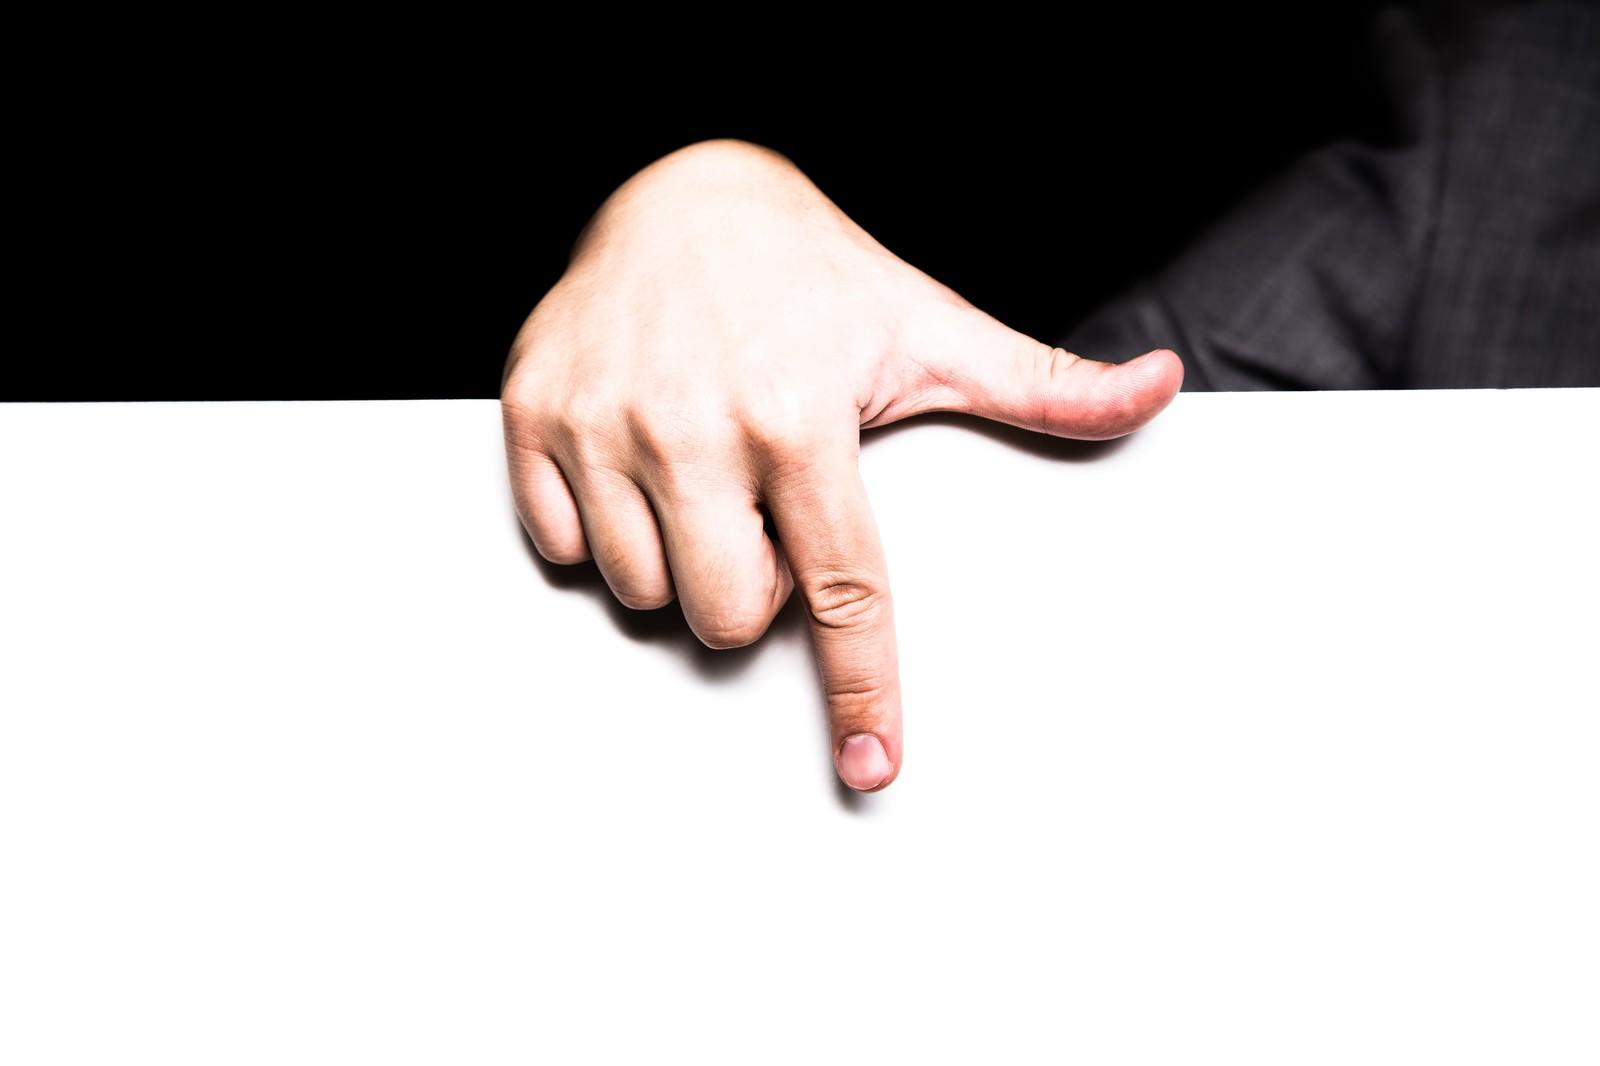 「下のタイムラインを指さす男性の手」